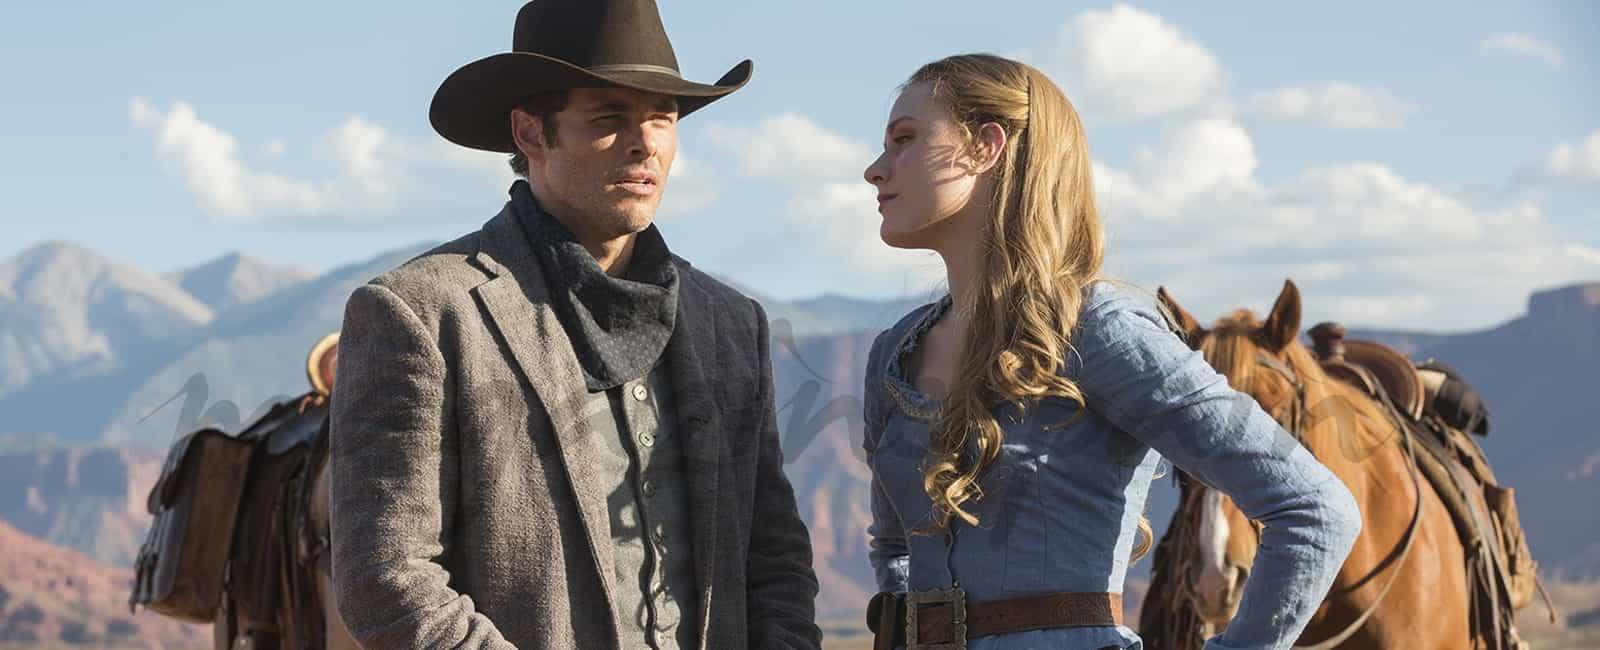 «Westworld» prepara su segunda temporada